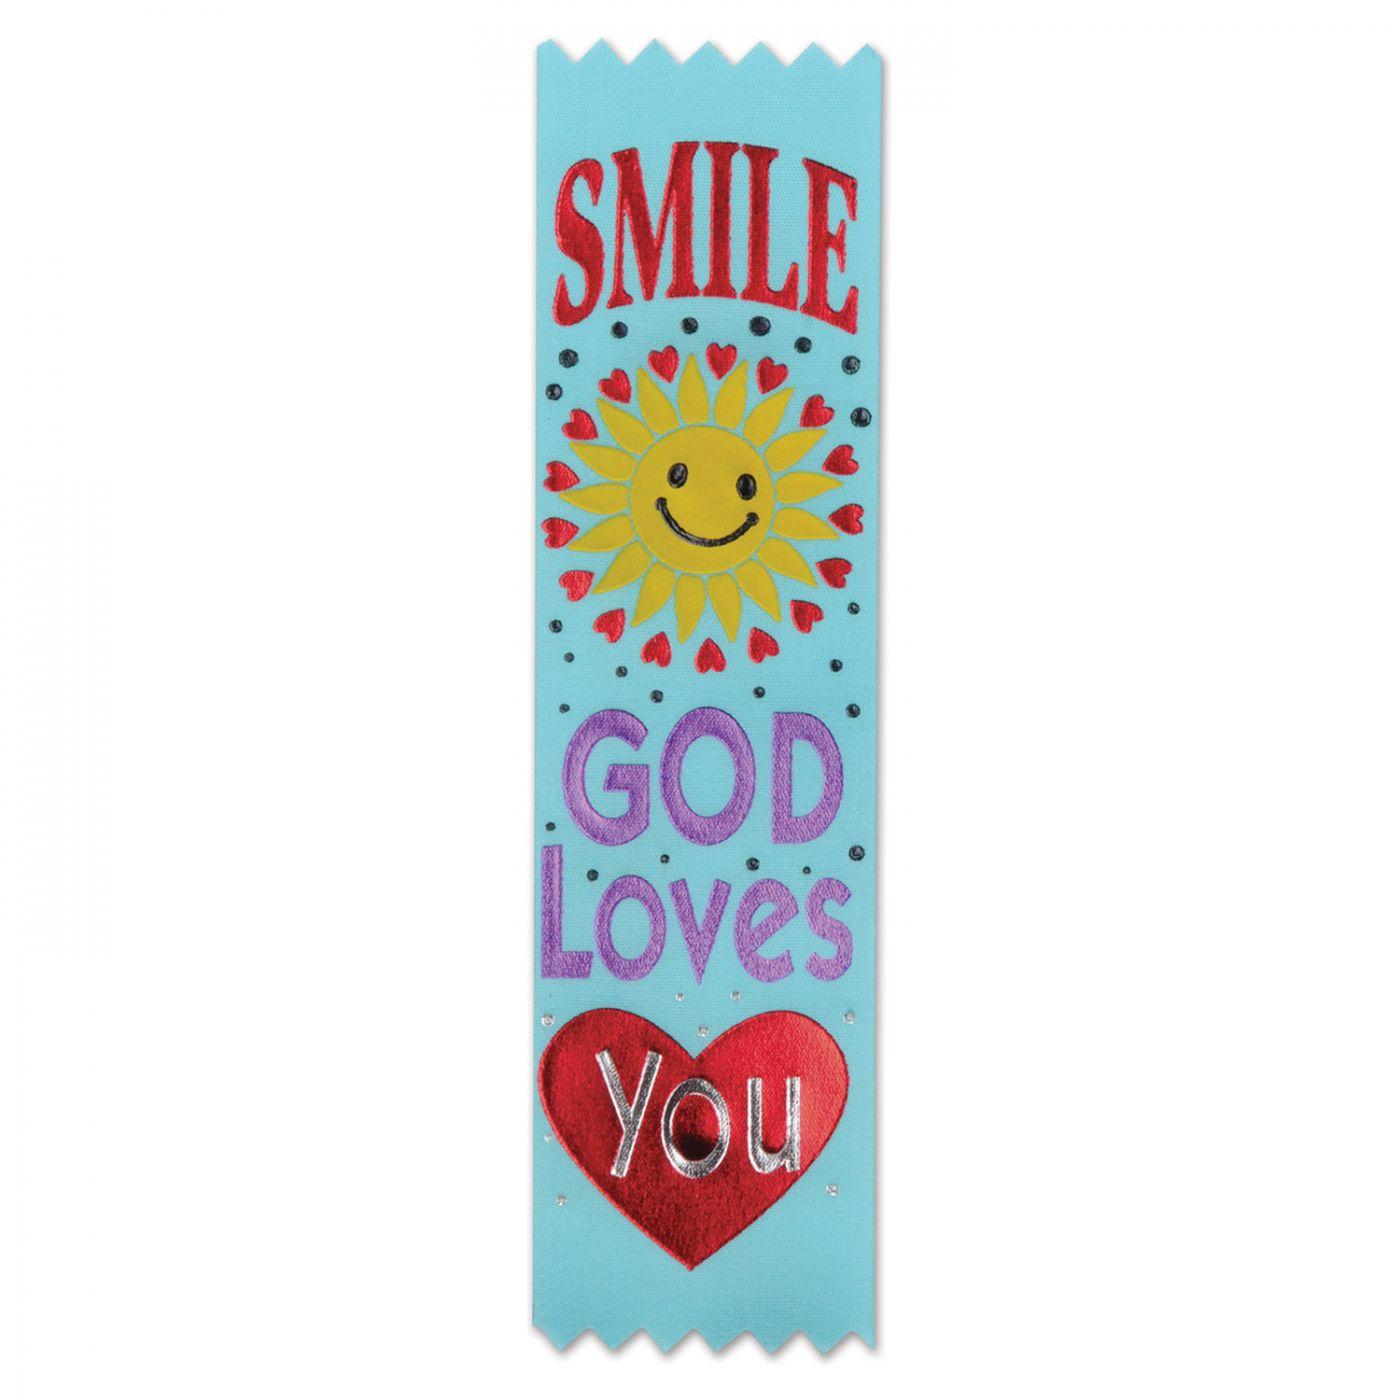 Smile, God Loves You Value Pack Ribbons (3) image